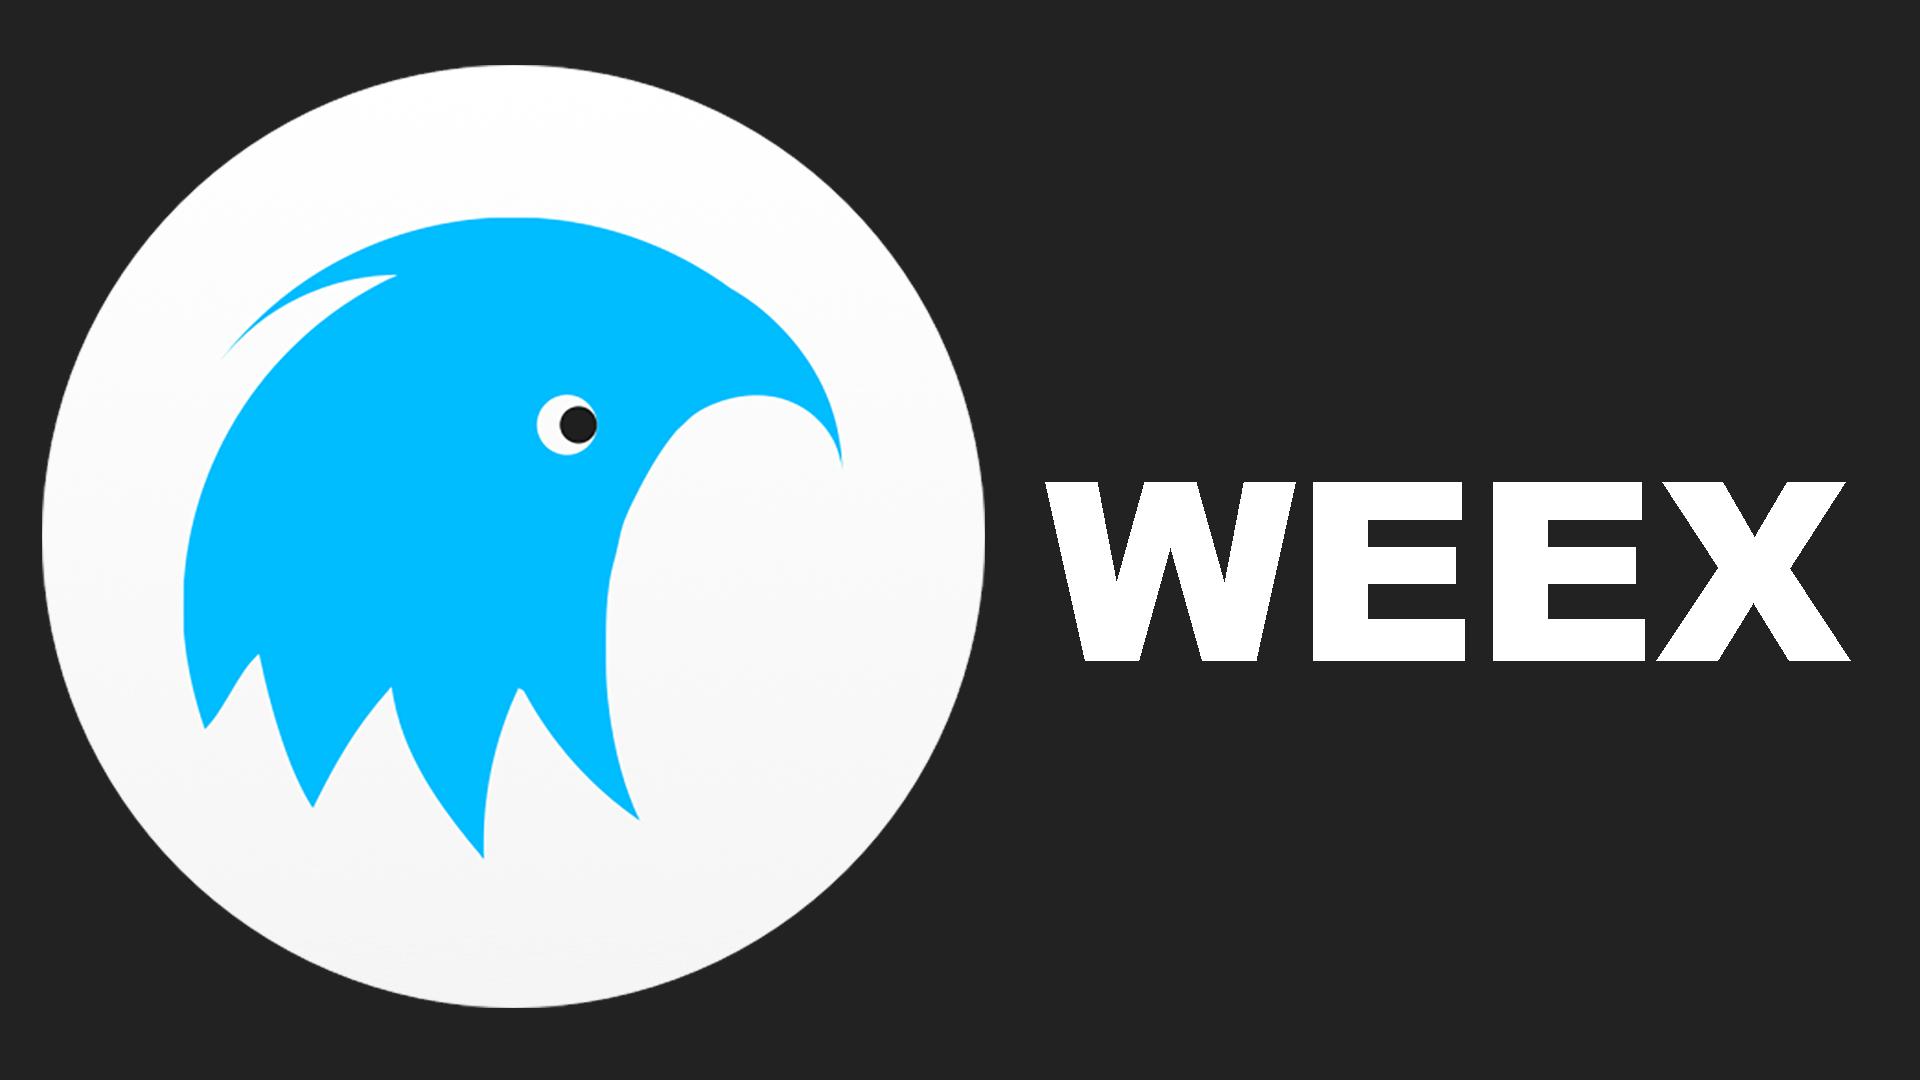 Weex 是如何在 iOS 客户端上跑起来的